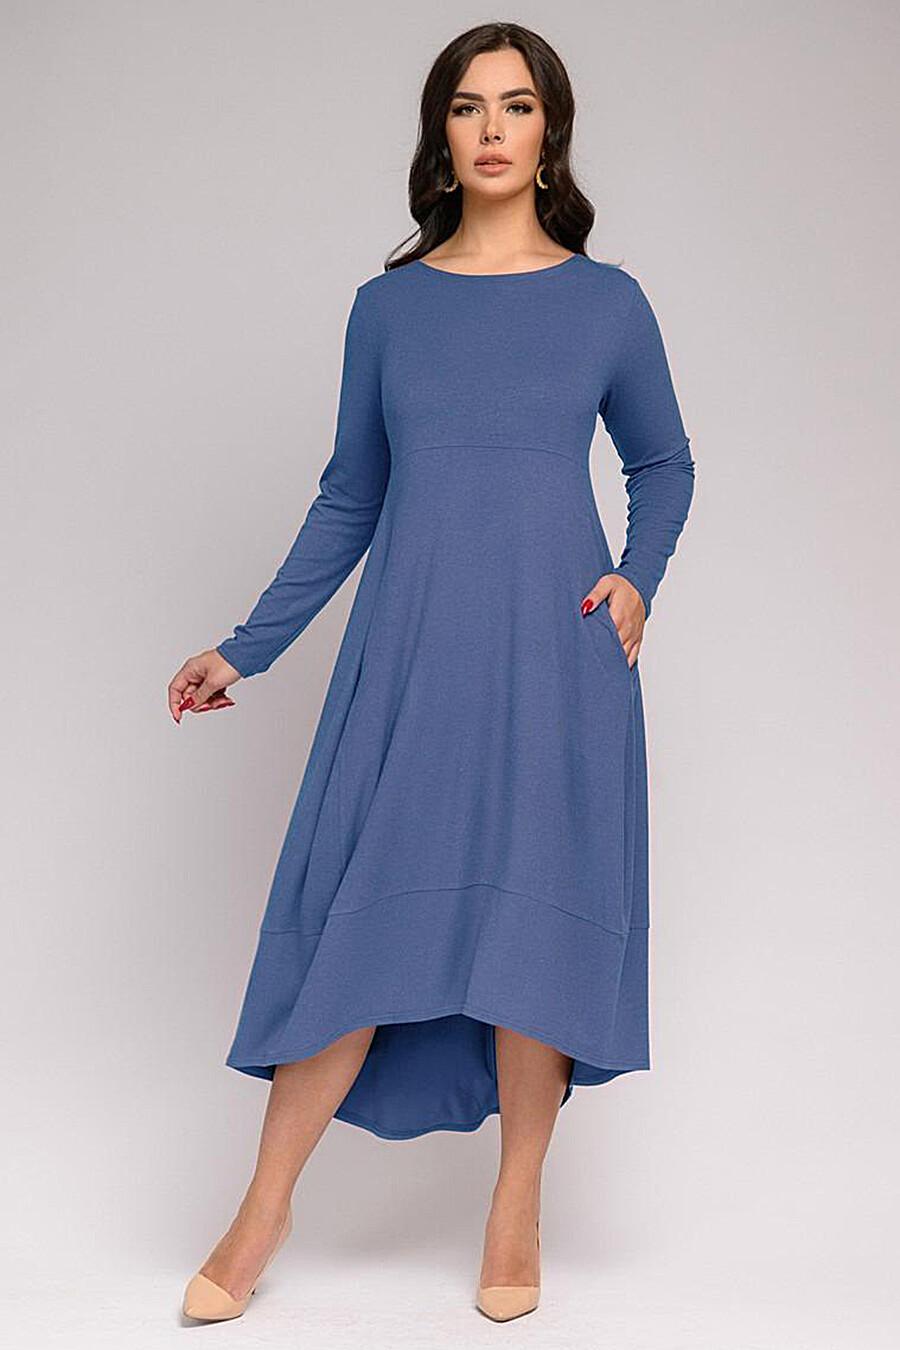 Платье для женщин 1001 DRESS 165888 купить оптом от производителя. Совместная покупка женской одежды в OptMoyo